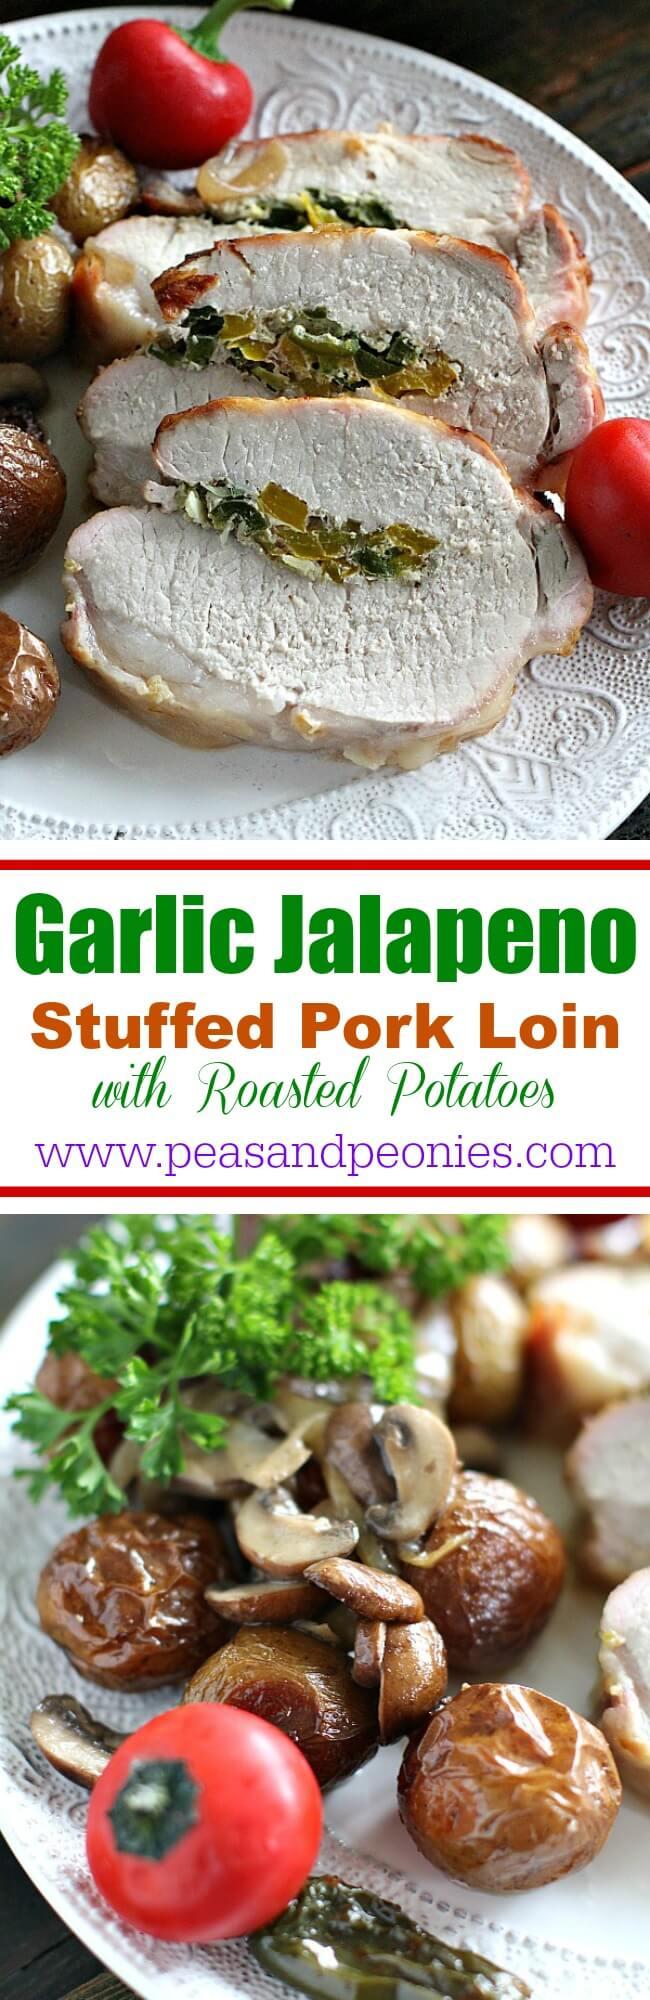 Garlic Jalapeno Stuffed Pork Loin